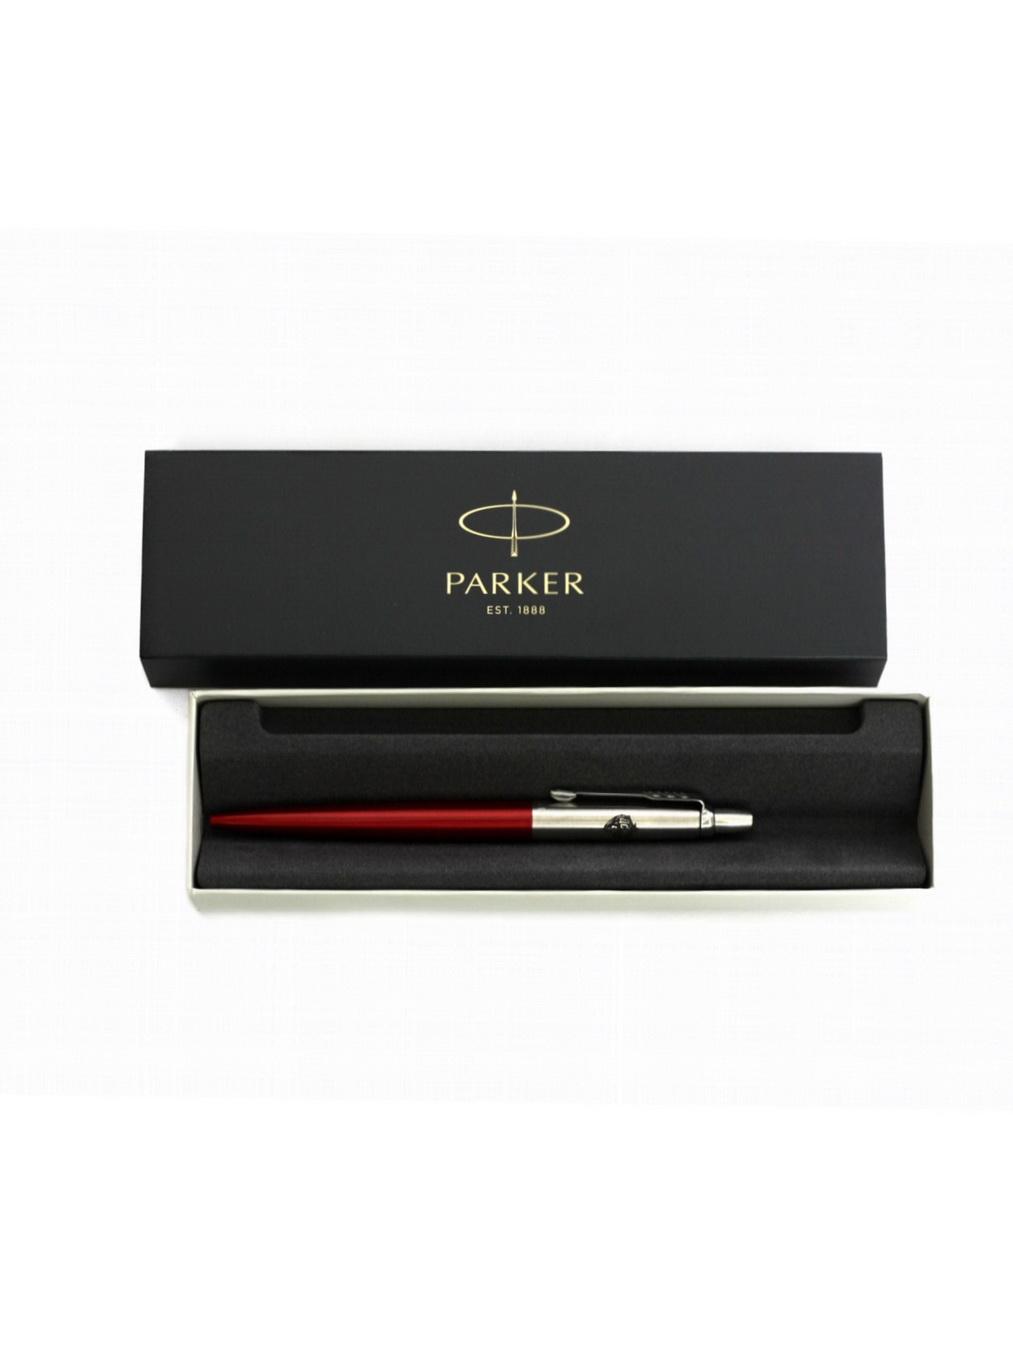 Ручка Parker металлическая, цвет красный